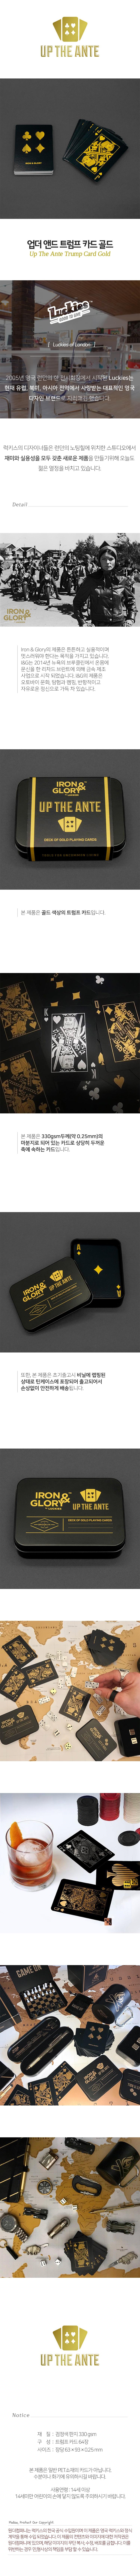 [럭키스] 포커 트럼프 카드 게임 골드 - 원더스토어, 23,000원, 아이디어 상품, 아이디어 상품